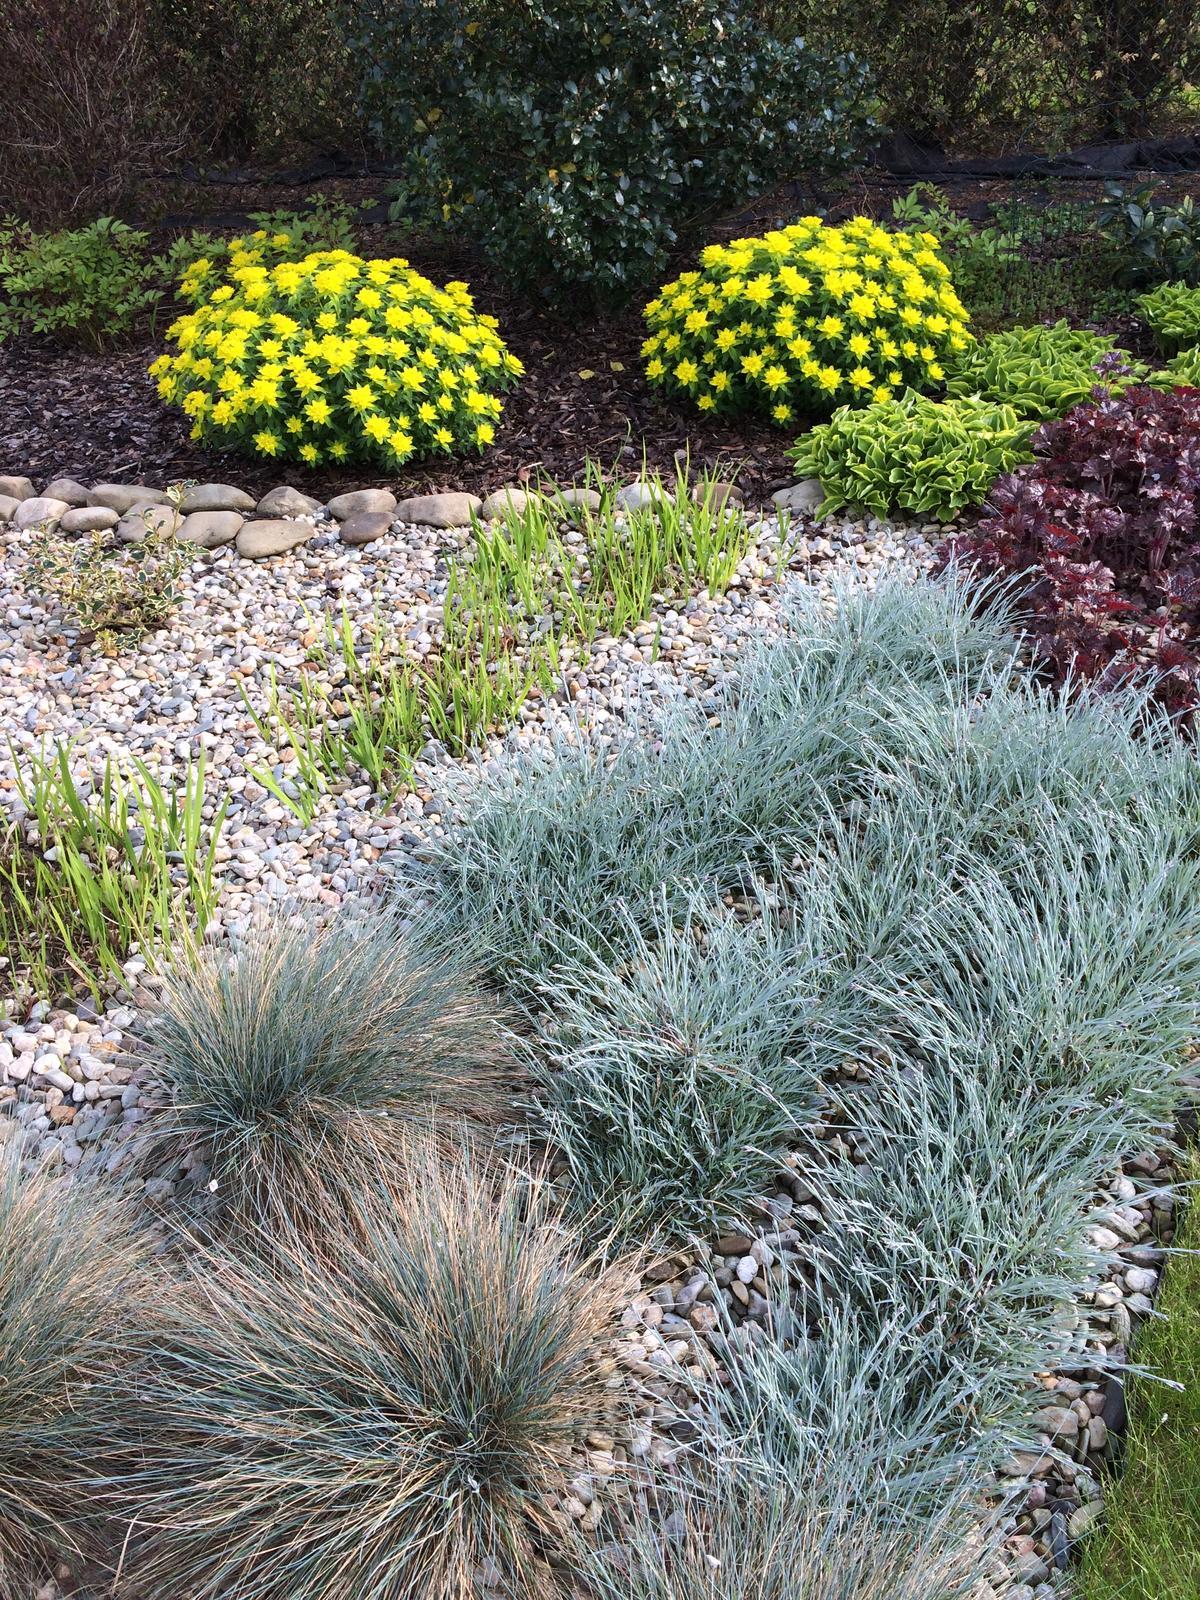 Dům i Zahrada 2019 - Pryšce mají krásnou čerstvou žlutozelenou, vpředu jsou stříbrné trávy a karafiátky